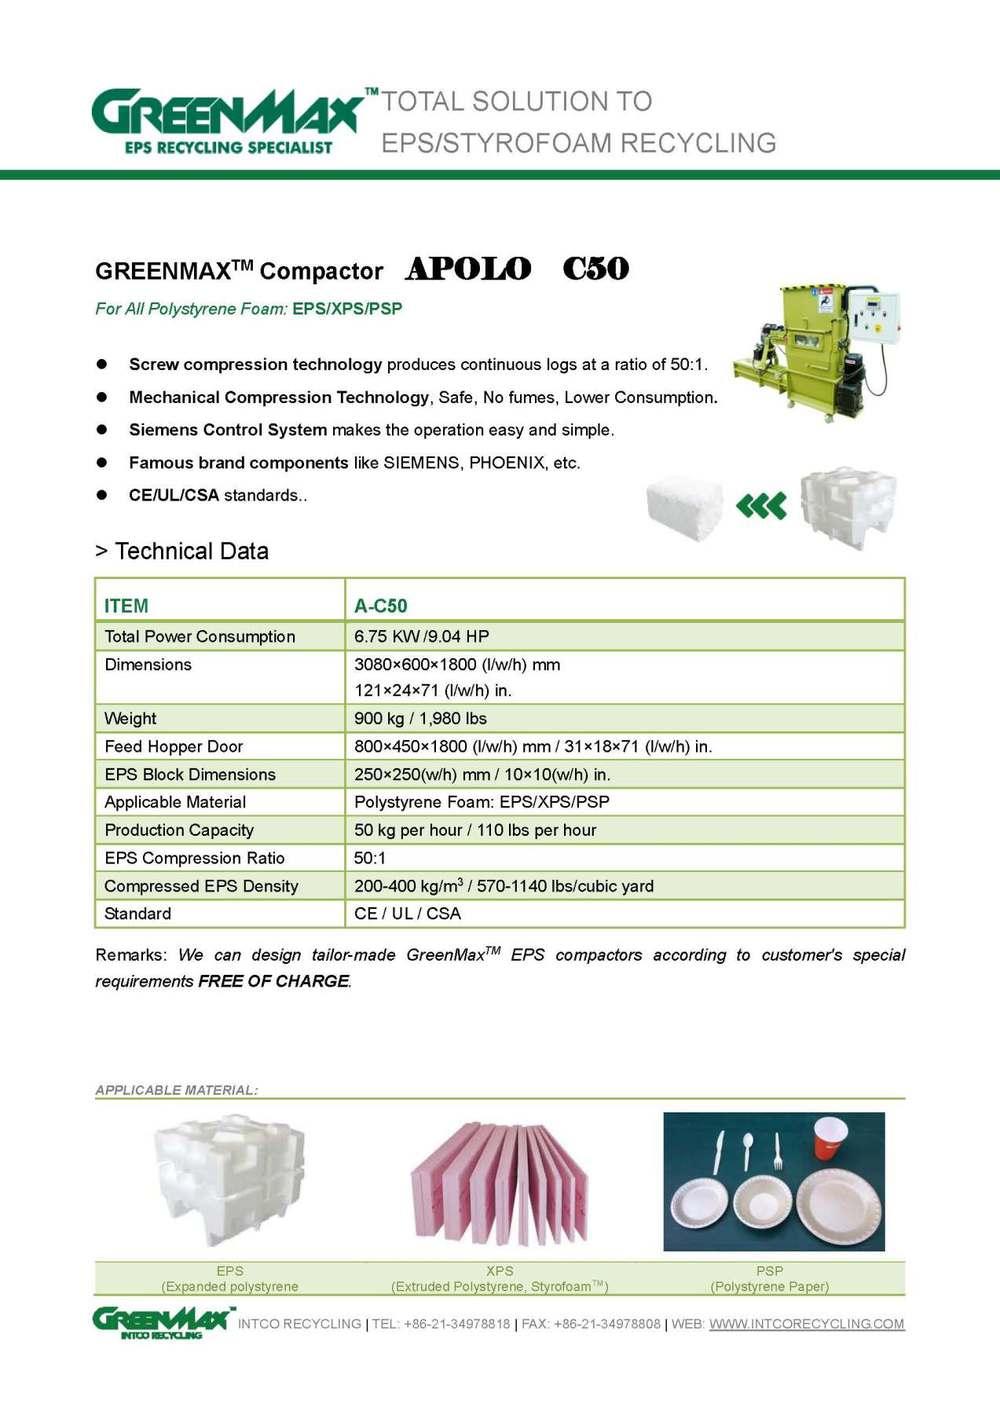 Greenmax a c50 kleine polystyreen schuim verpakking for Papierversnipperaar action